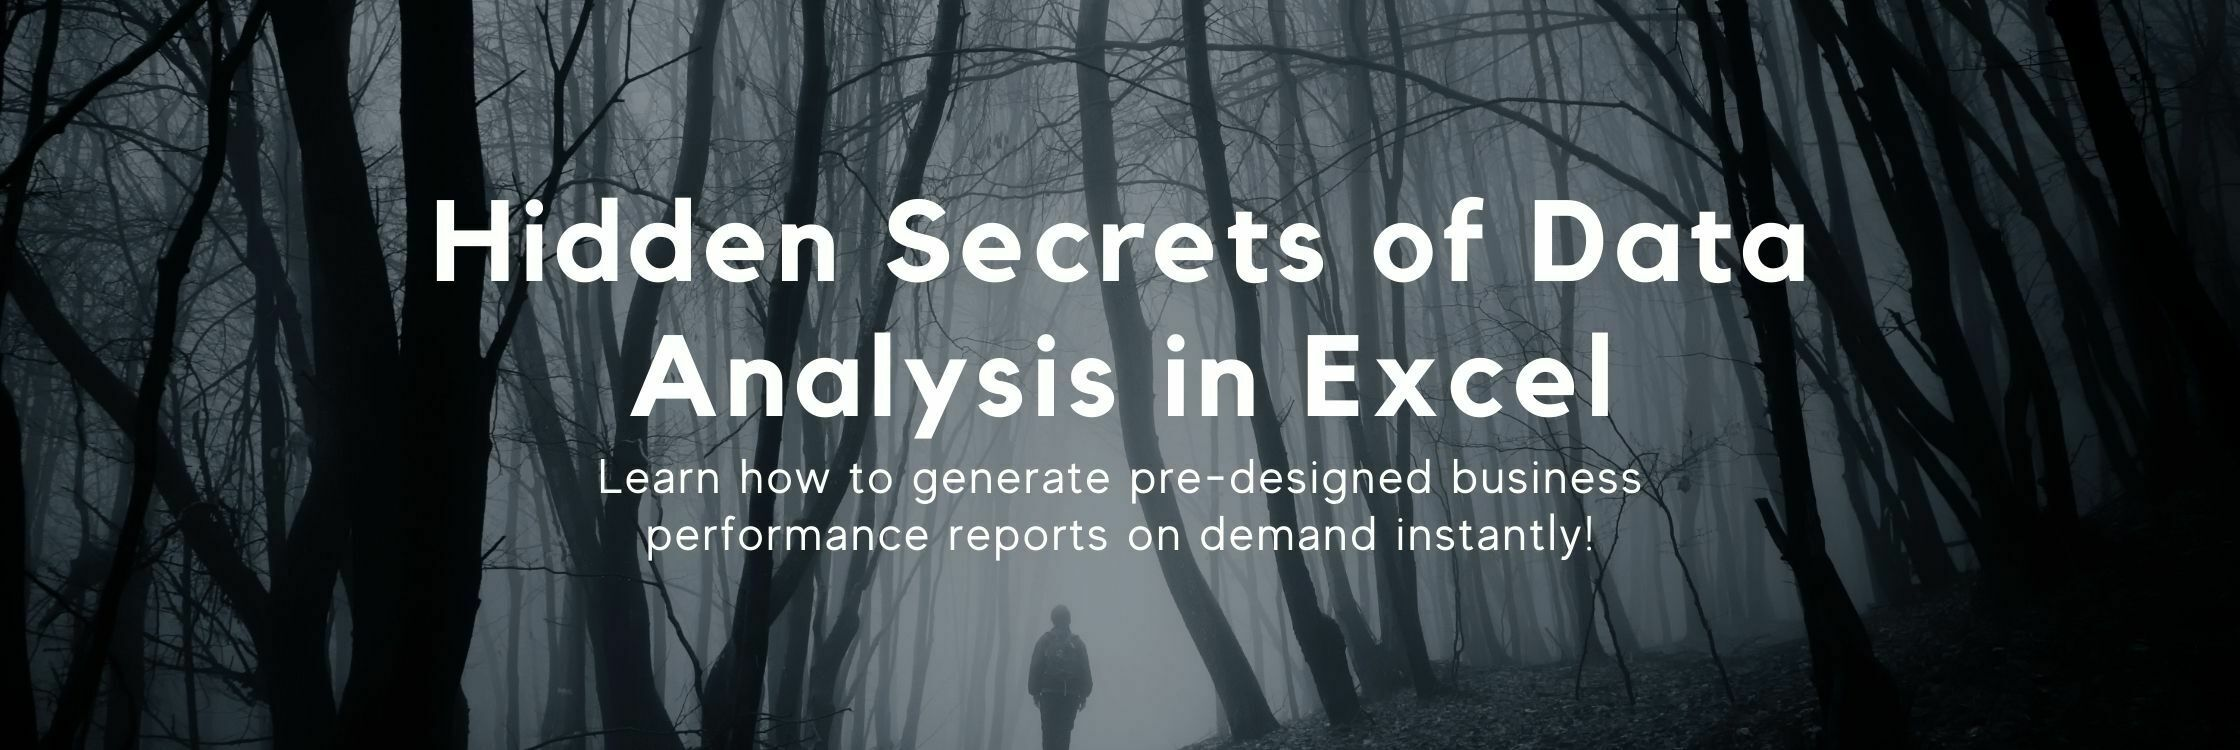 Hidden Secrets of Data Analysis in Excel